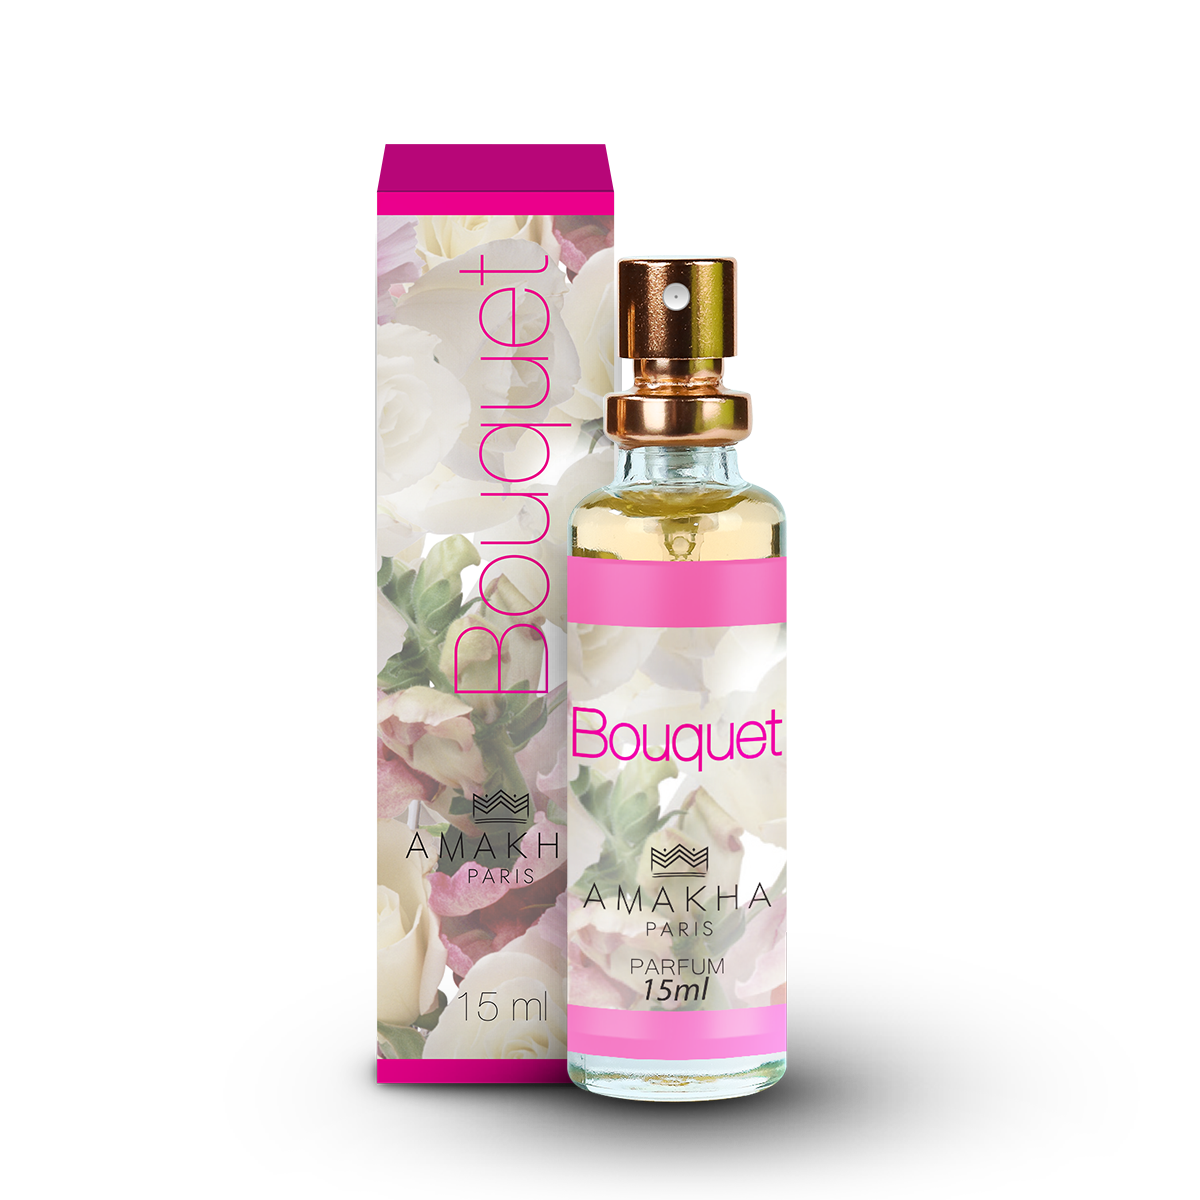 Bouquet Amakha Paris